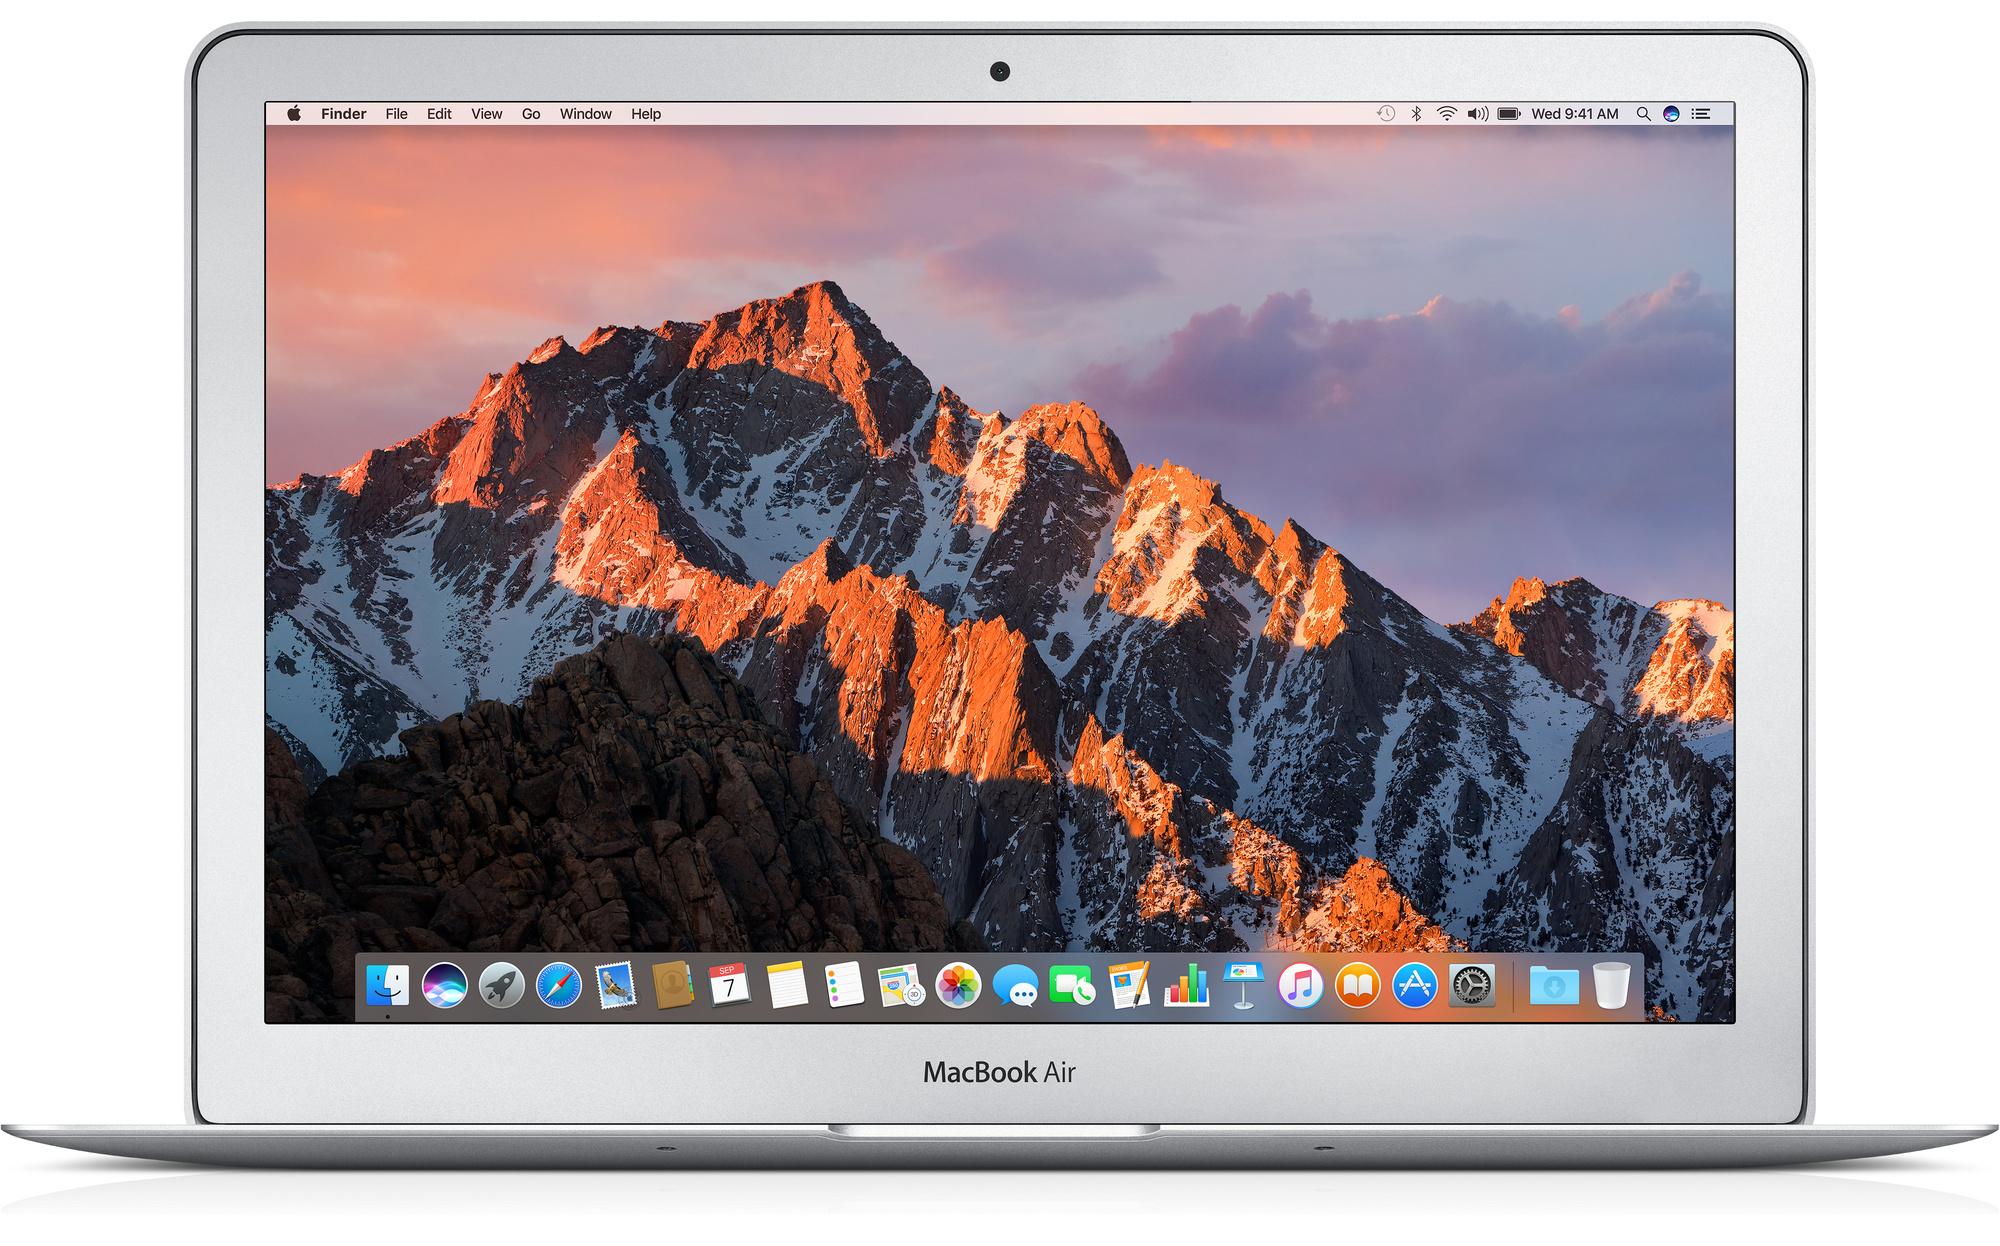 Refurbished 1.1-inch MacBook Air 1.1GHz dual-core Intel Core i1